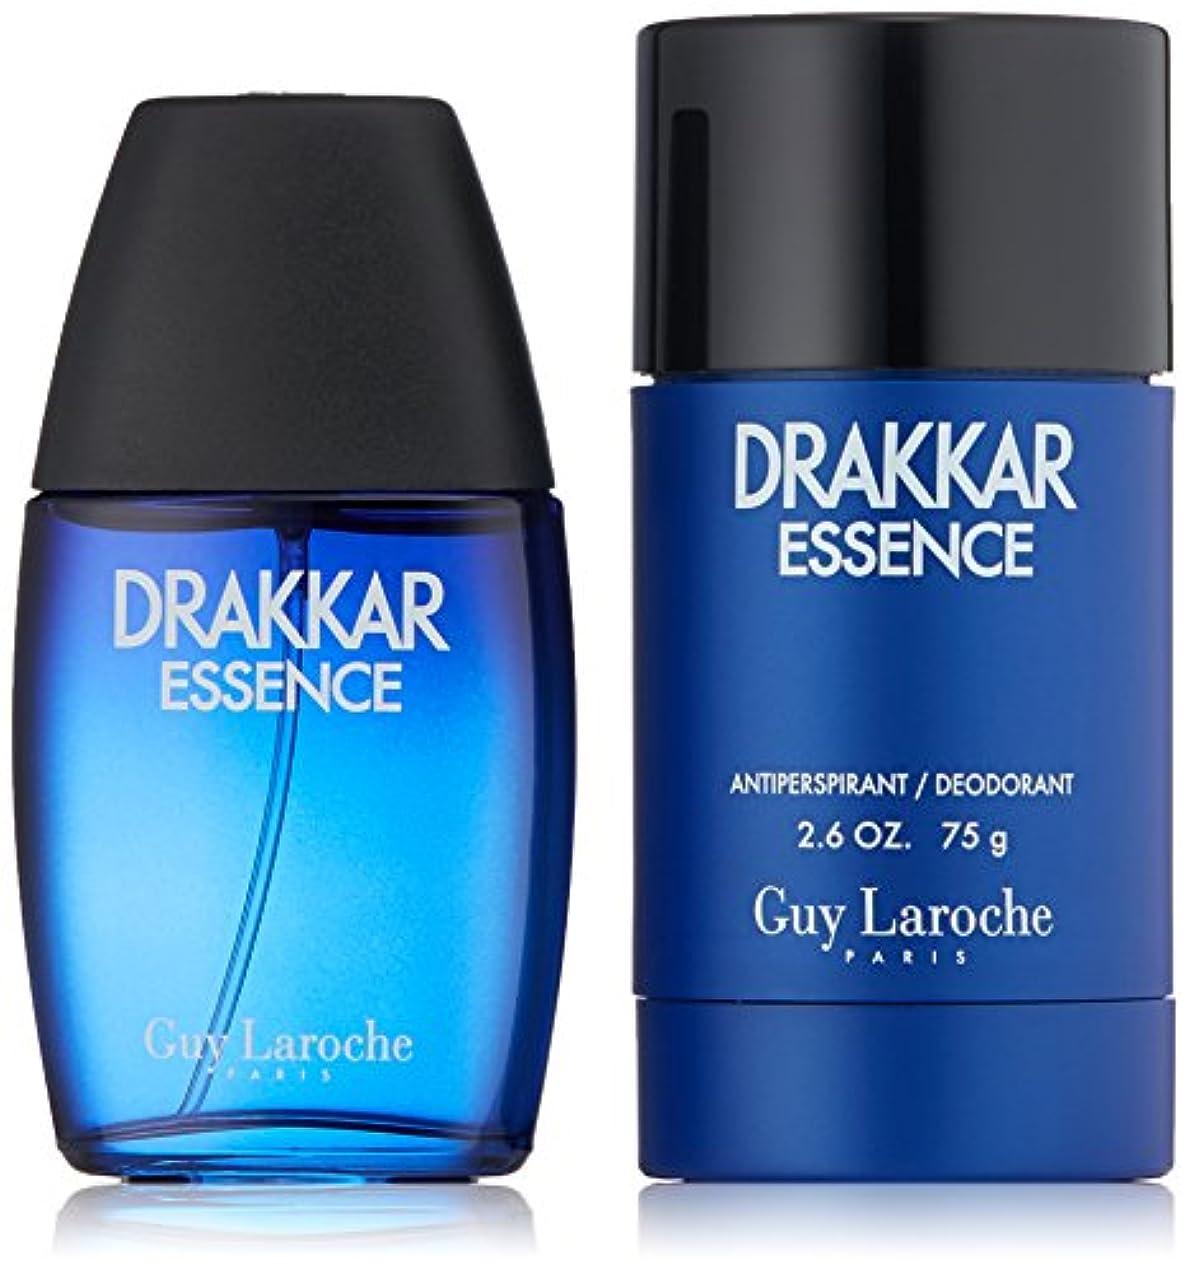 読み書きのできない乞食ずんぐりしたギラロッシュ Drakkar Essence Coffret: Eau De Toilette Spray 30ml/1oz + Antiperspirant Deodorant Stick 75g/2.6oz 2pcs並行輸入品